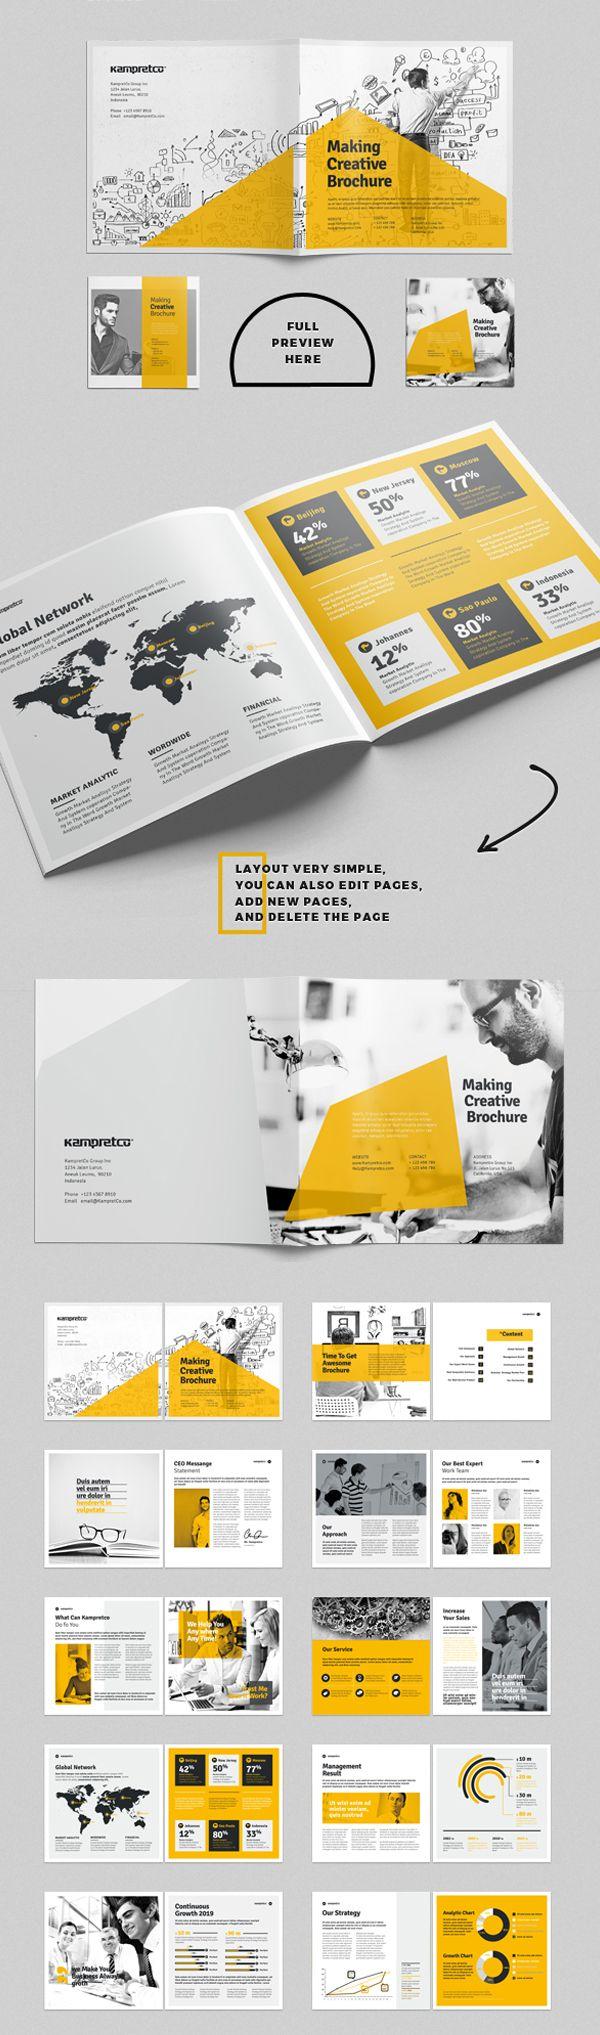 26 pages corporate square brochure design 会社案内 diseño